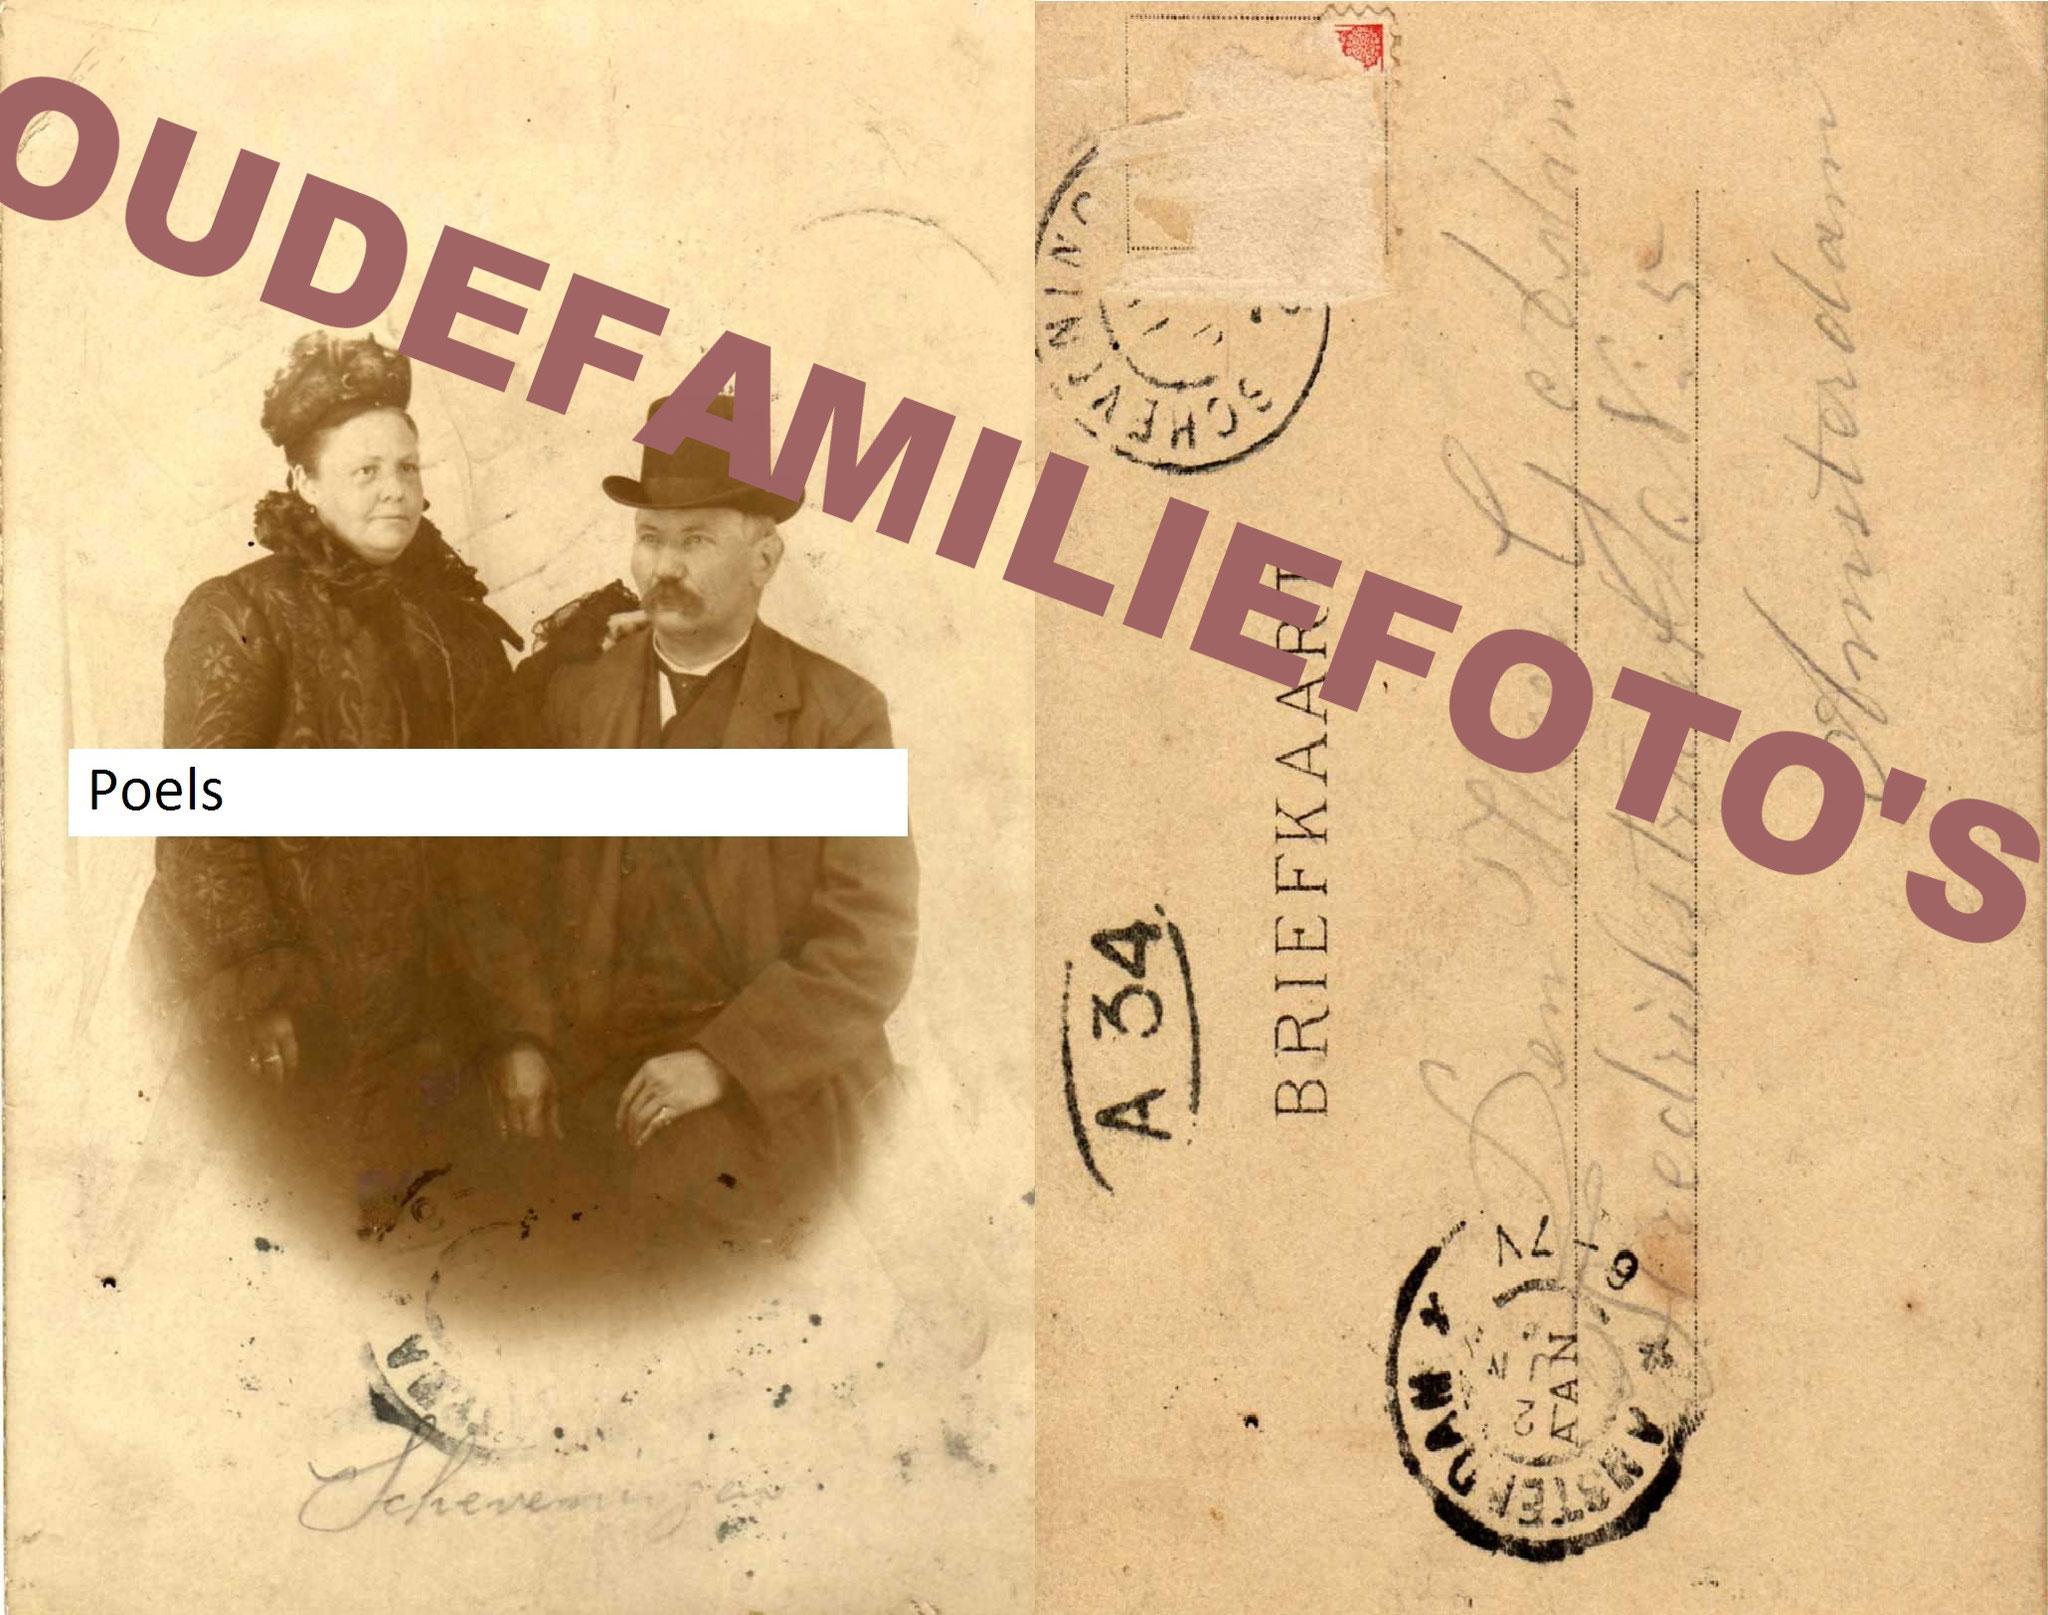 Poels, Johannes. geb: 2-8-1847 Venray. getrouwd met Geertruida Volking. € 2,50